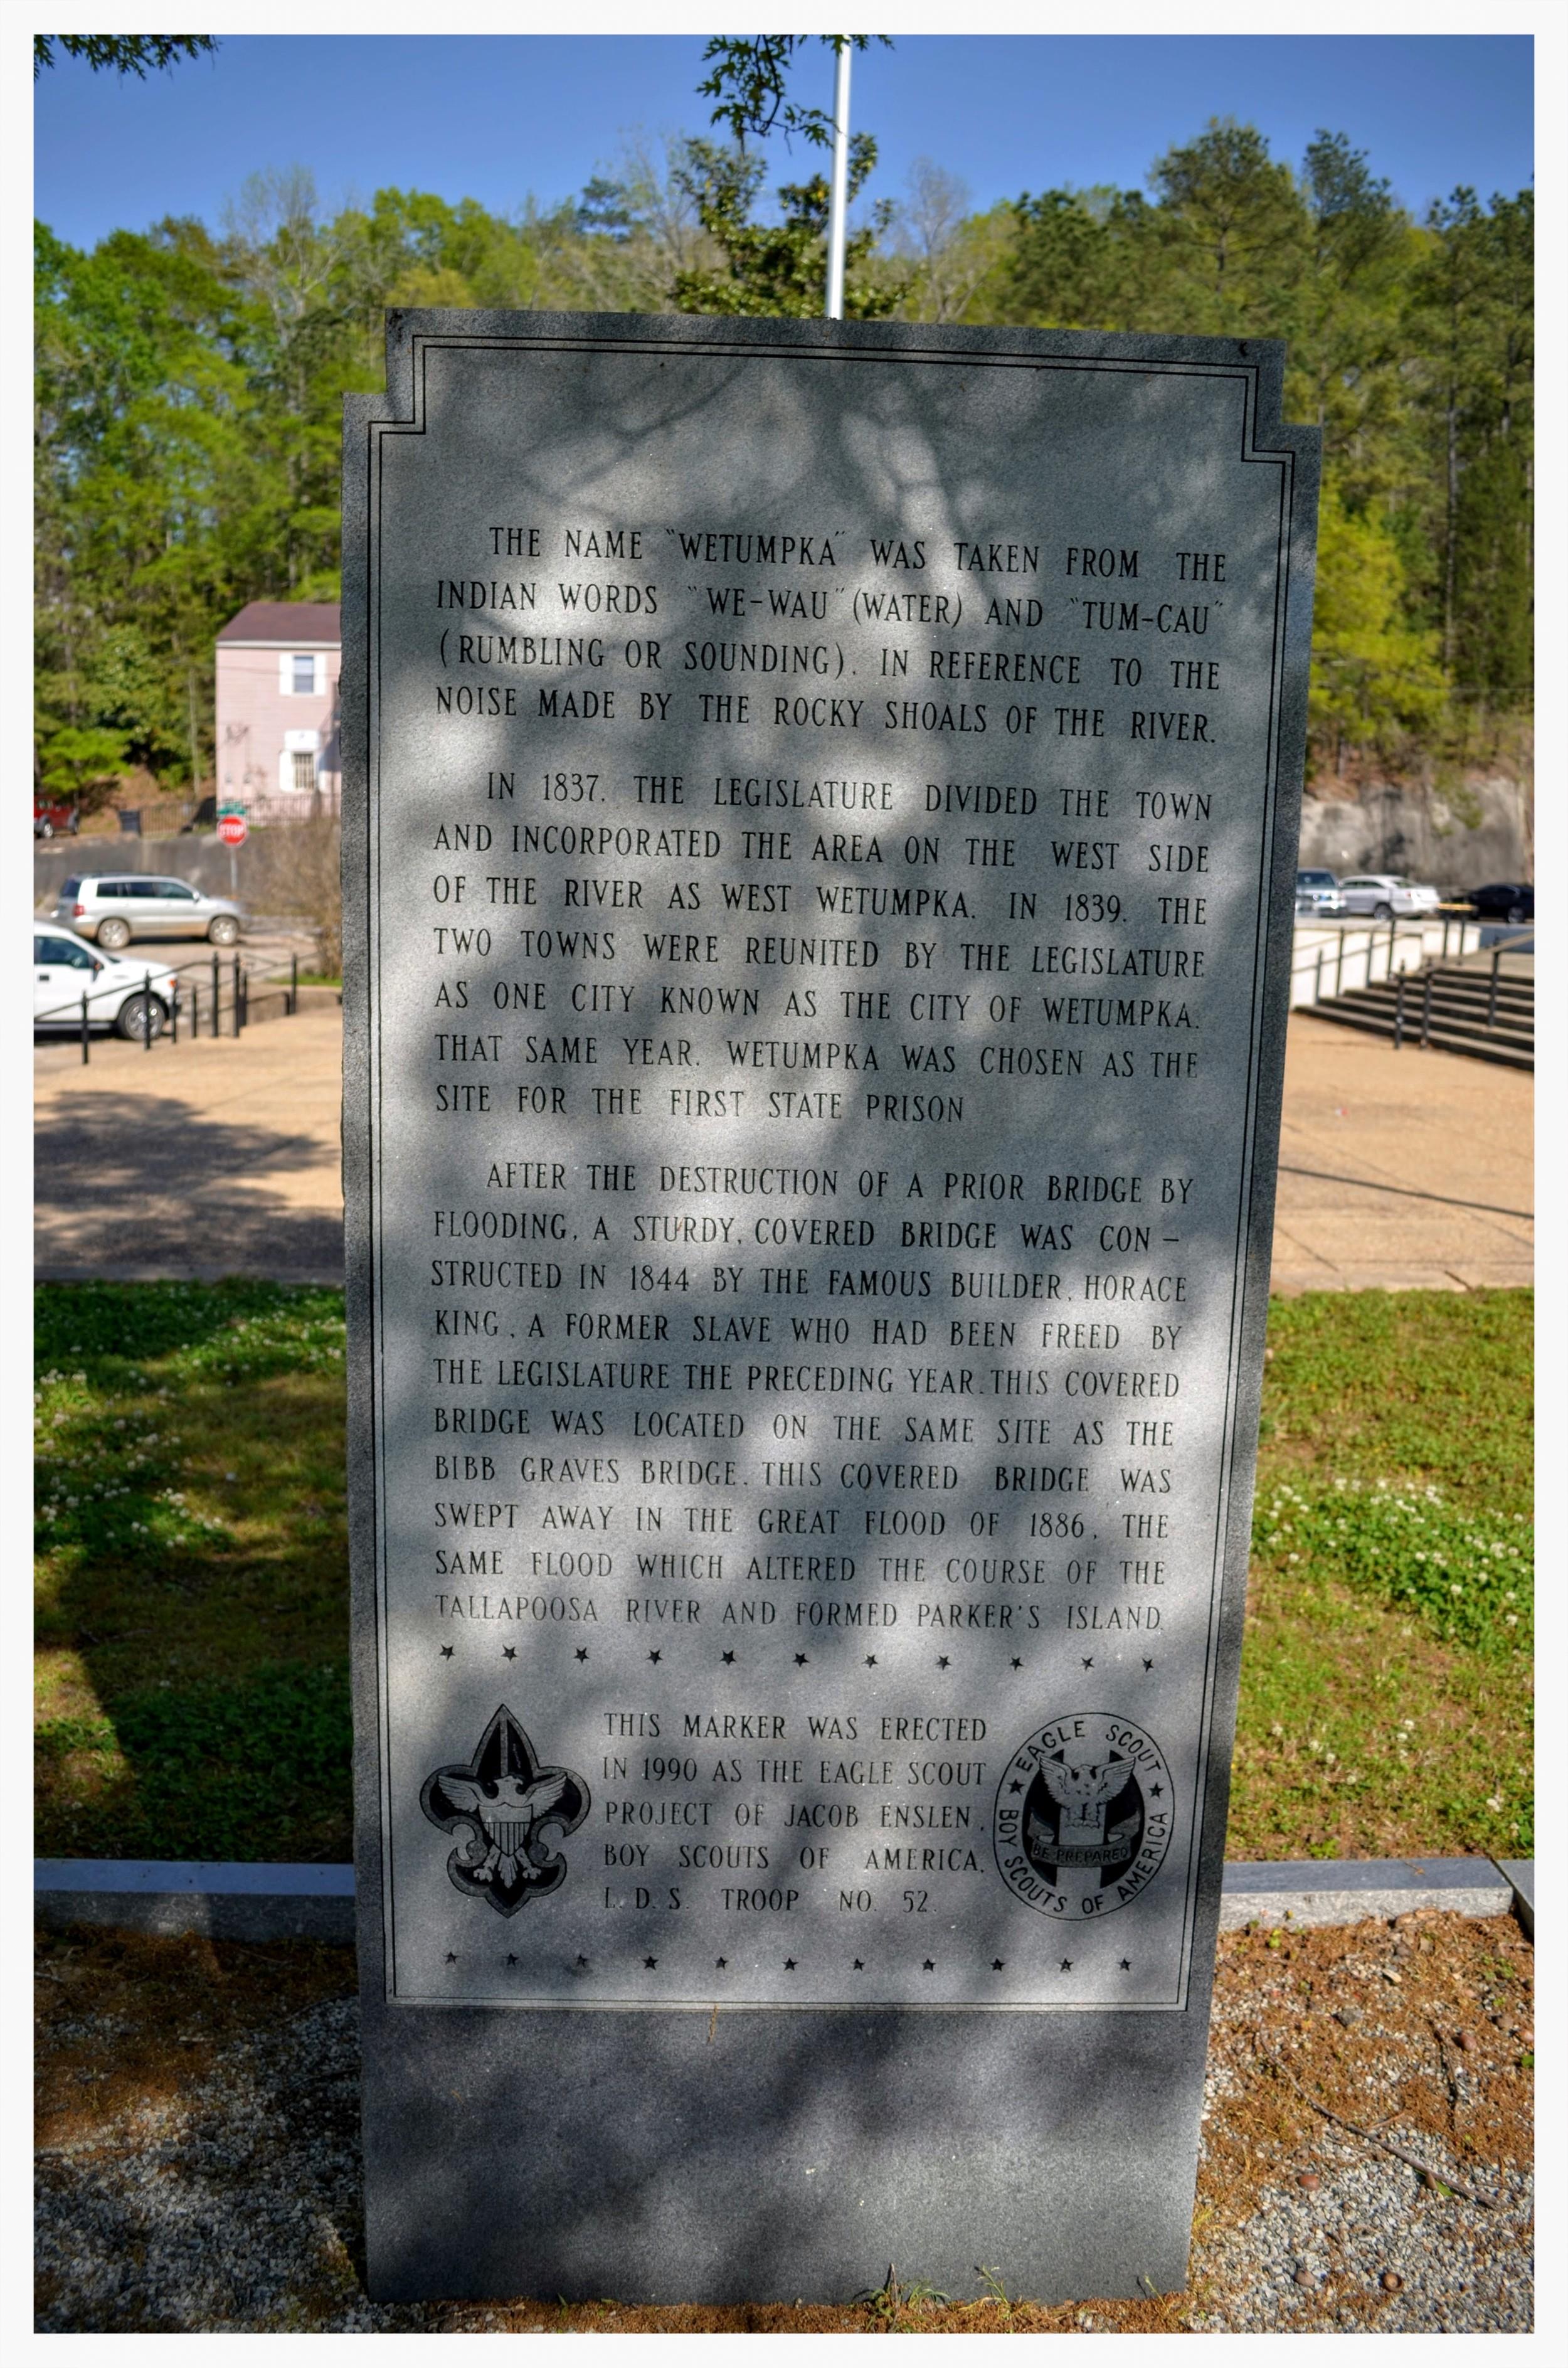 Wetumpka stone historical marker side 2, Wetumpka, Elmore County, Alabama